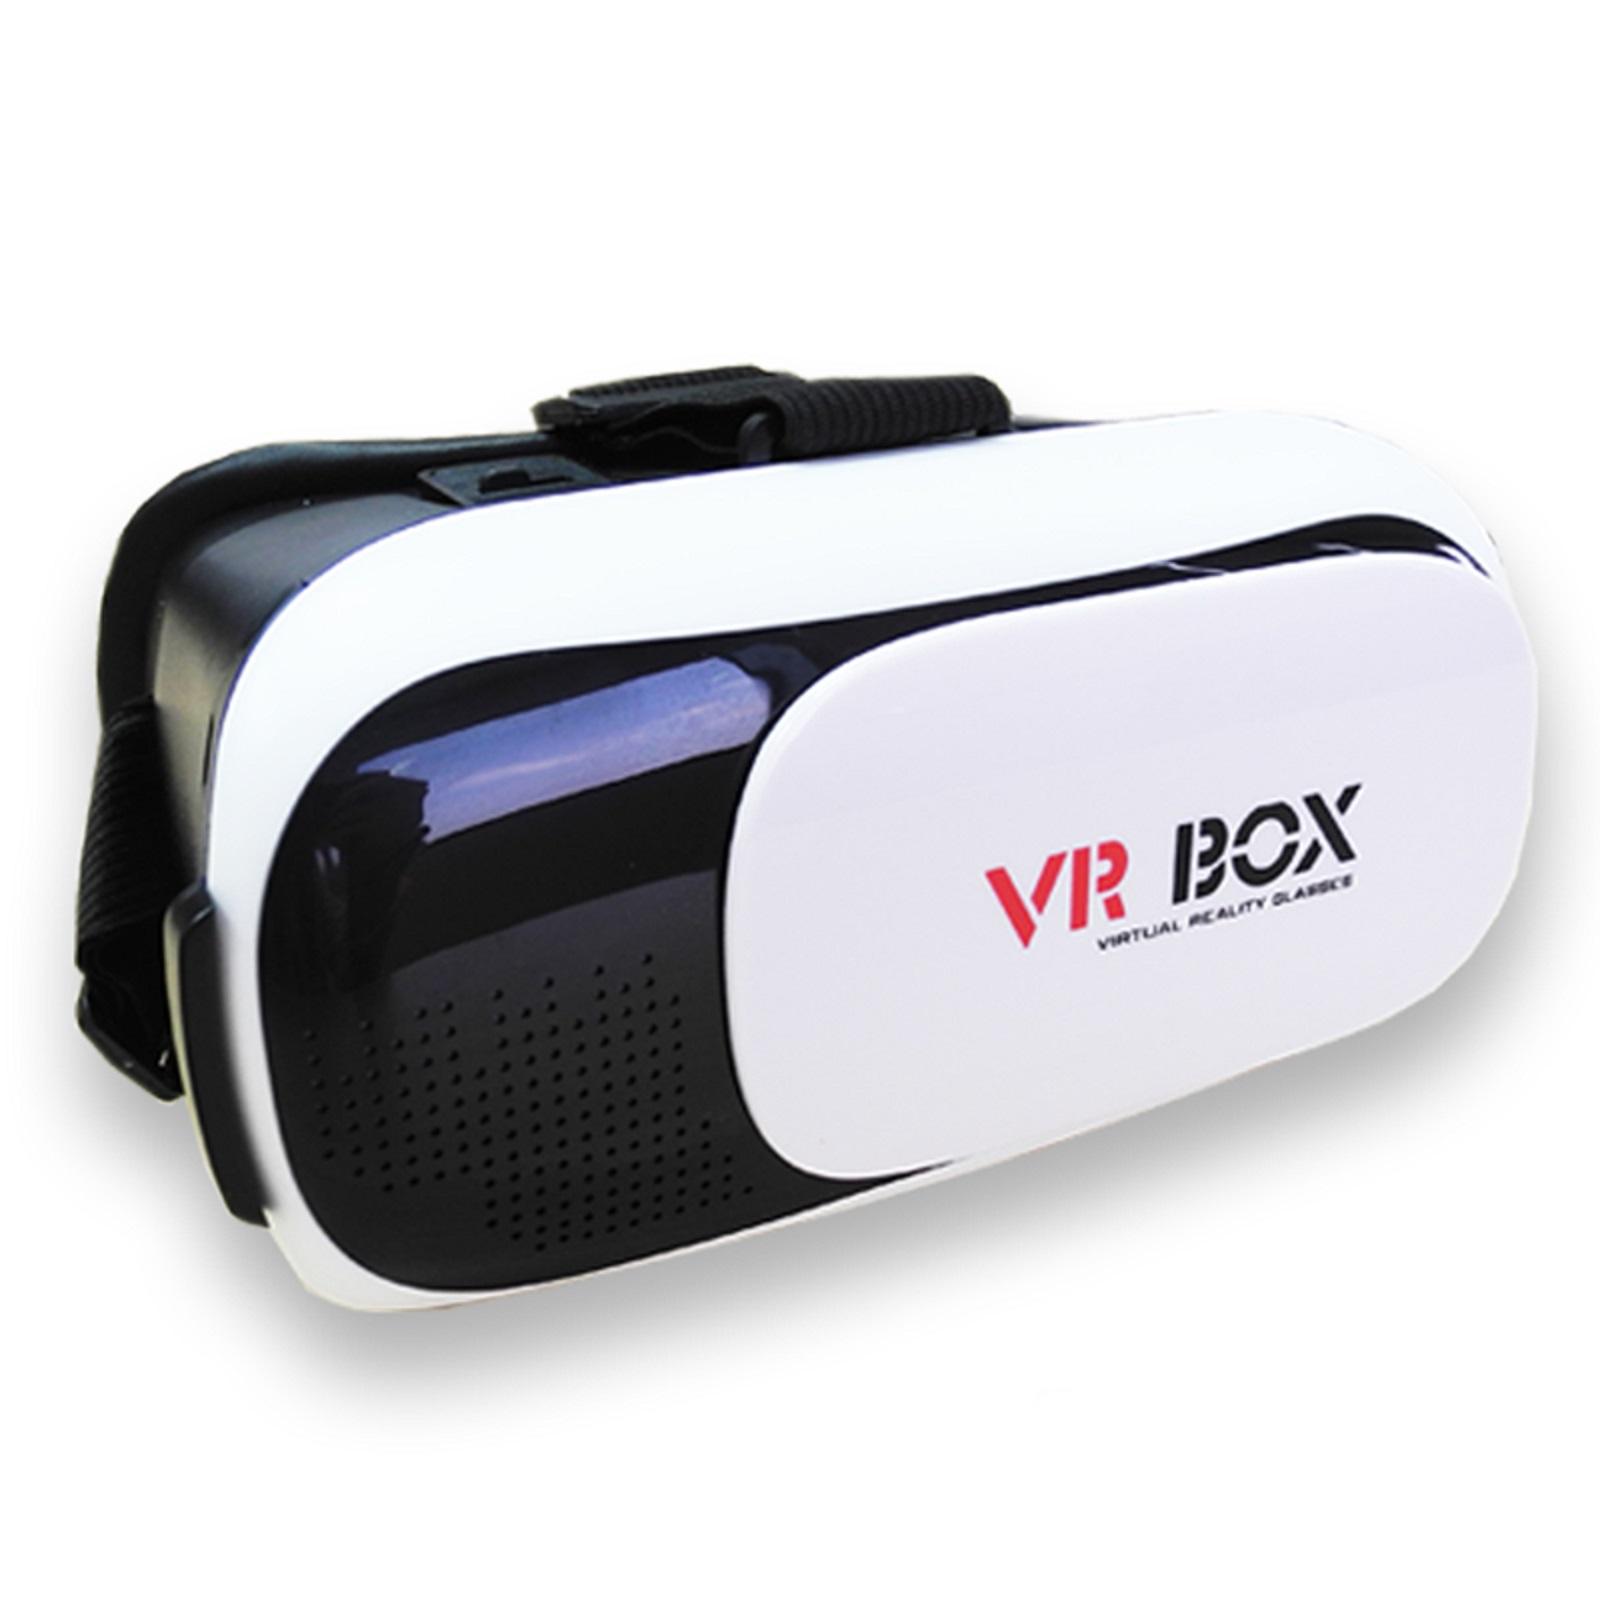 3C市集線上春季電腦展開跑 VR眼鏡2.5折!